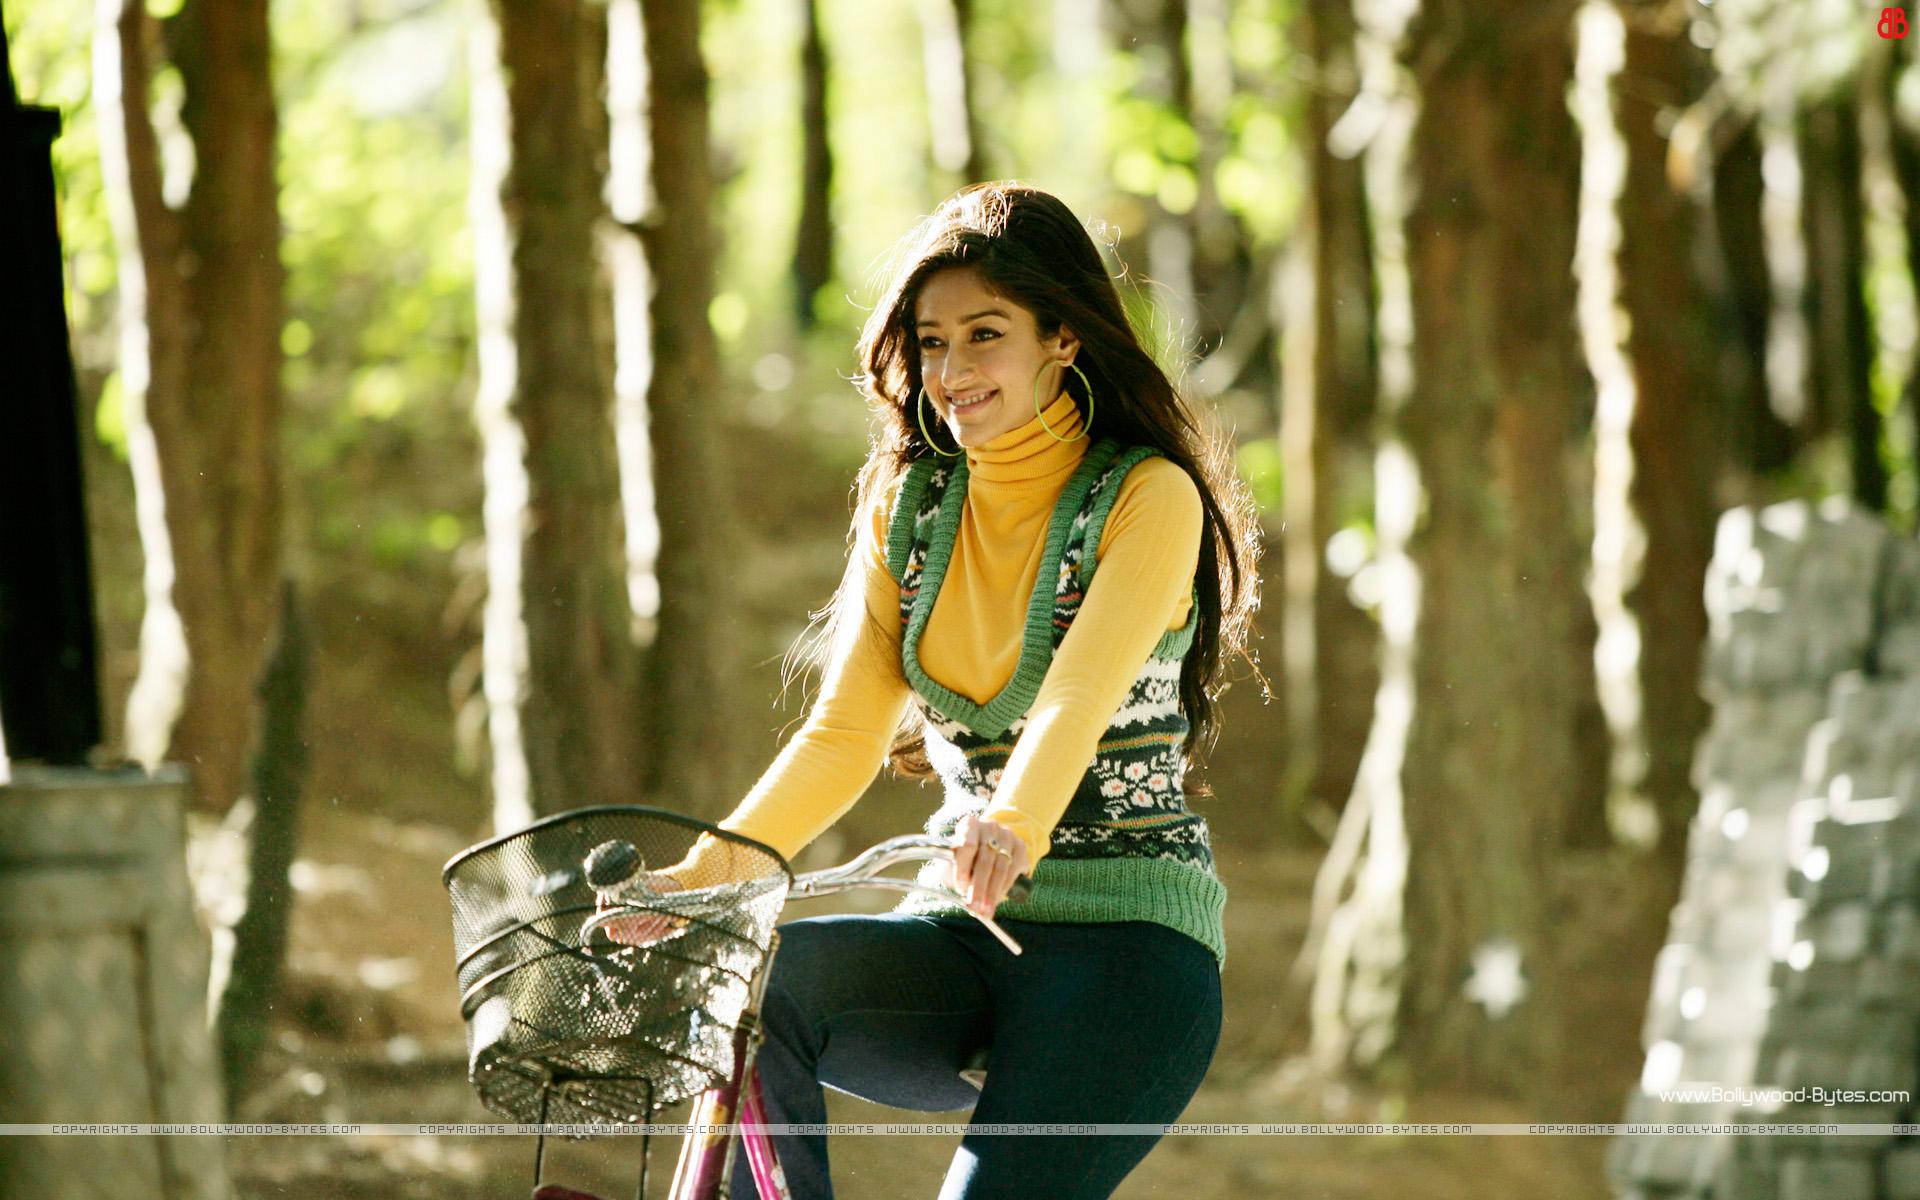 http://3.bp.blogspot.com/-Gdm0VBVxA9o/UFZHvibc1jI/AAAAAAAAPIQ/lnuKaQyArlQ/s1920/Barfi!-+Starring-a-Ileana-D\'Cruz-HD-Wallpaper-08.jpg